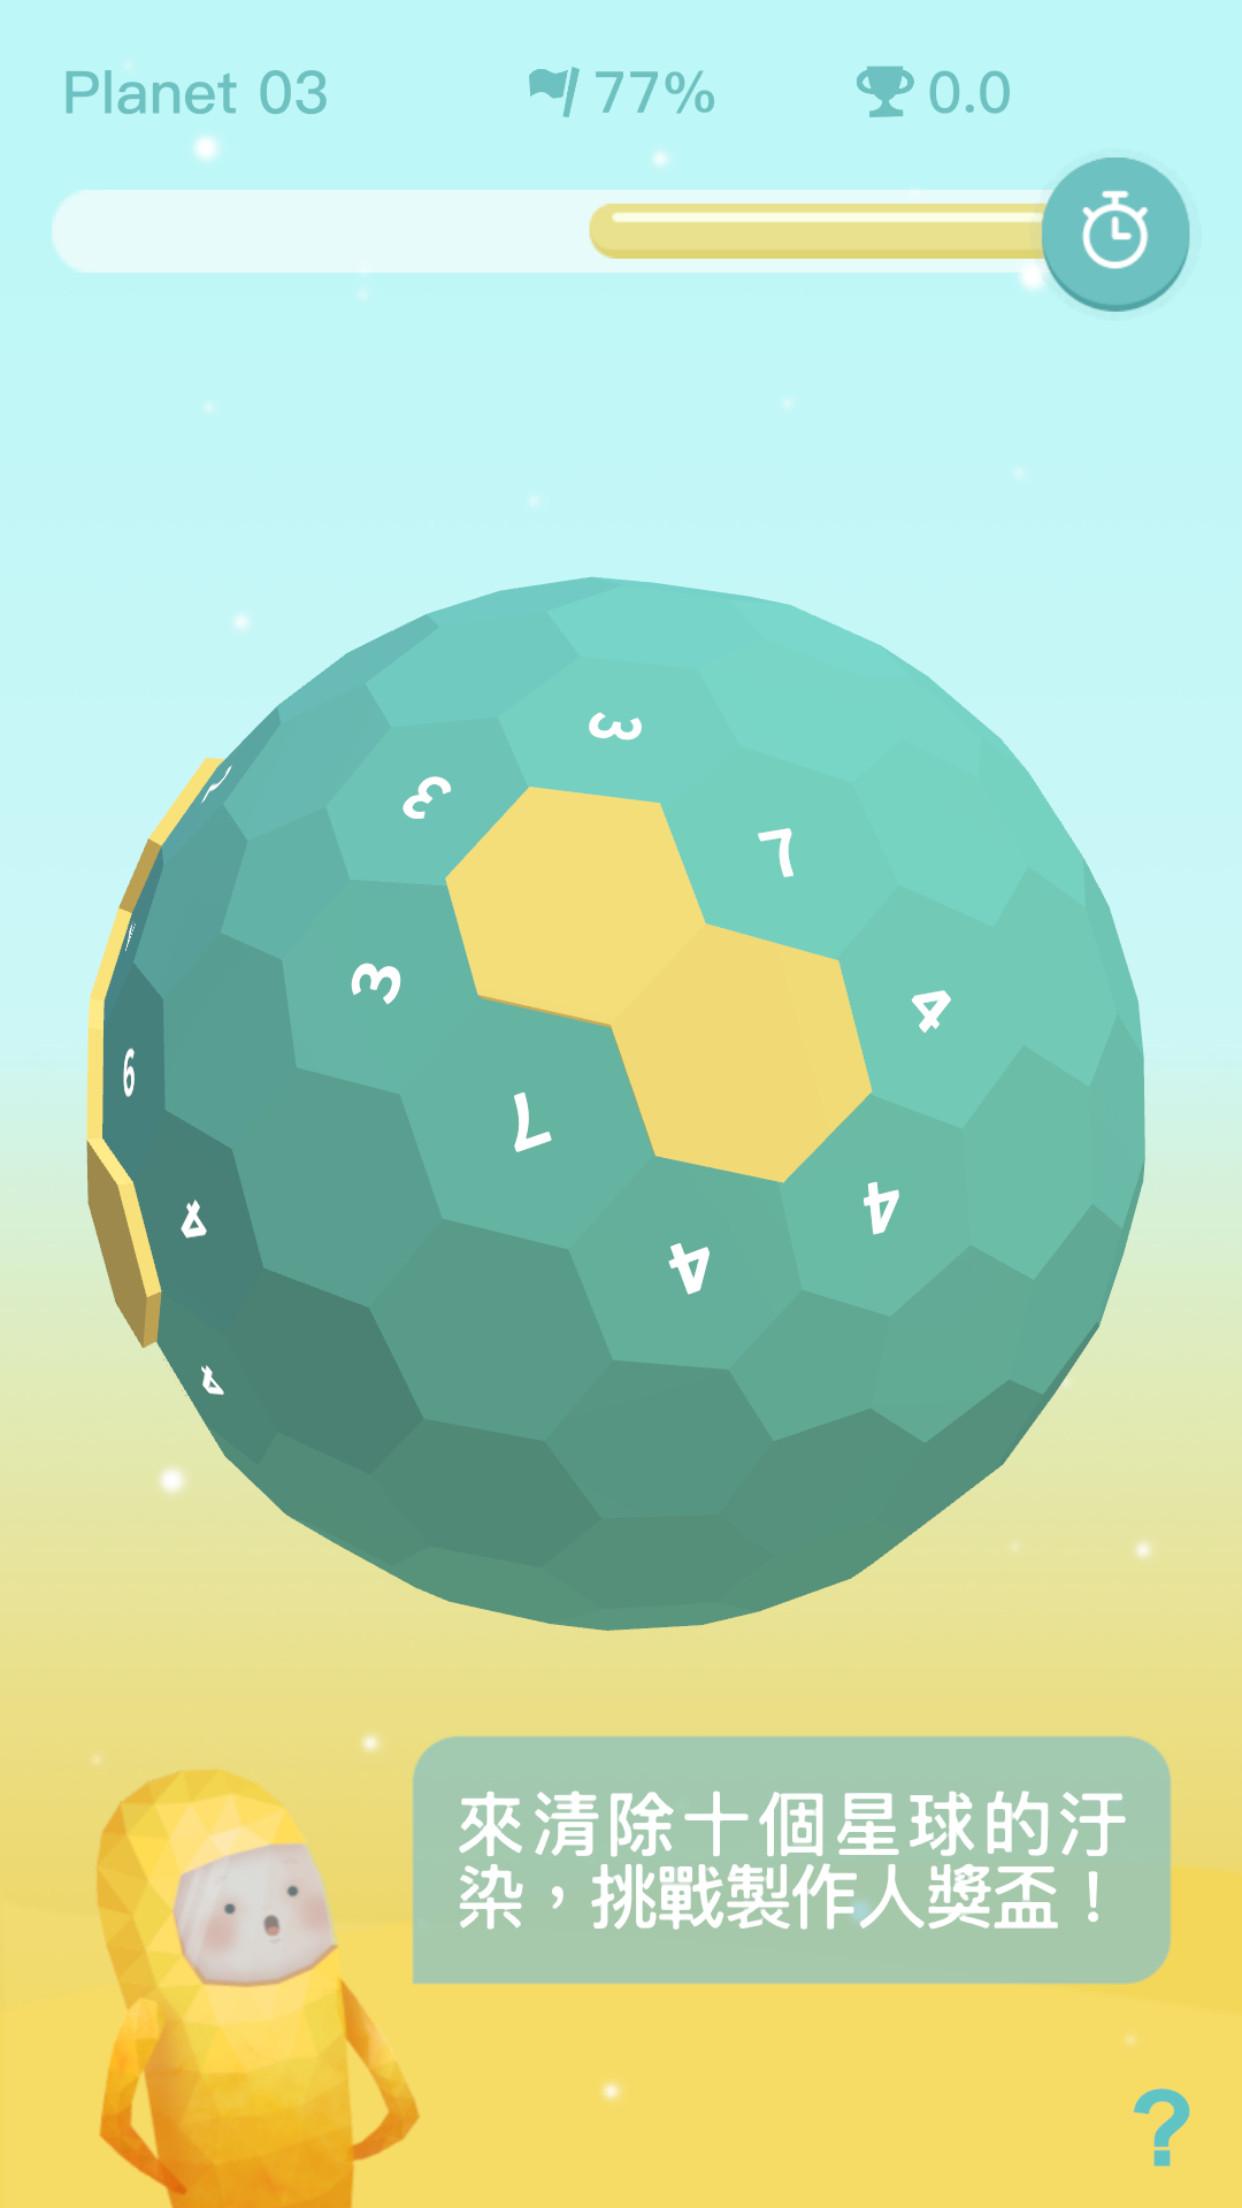 ▲《星球清潔公司》 畫面1 。(圖/翻攝自《星球清潔公司》遊戲畫面)